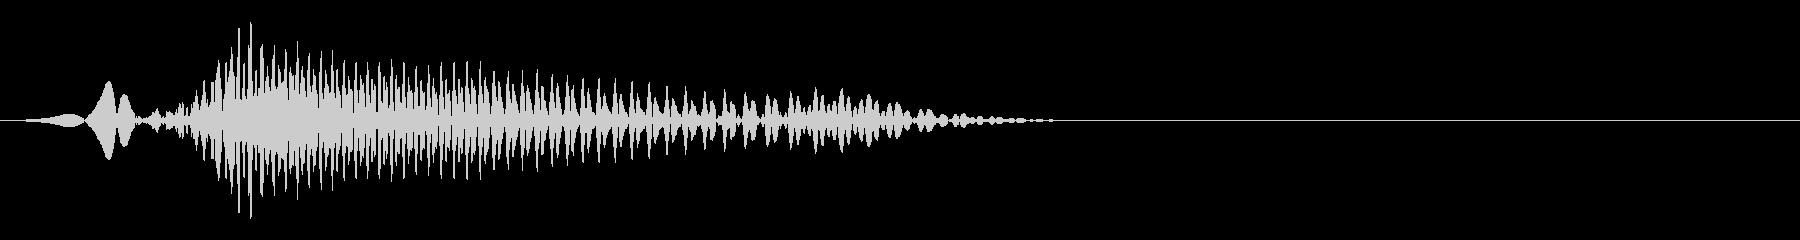 かけ声/気合い声(バトル用)A 011の未再生の波形